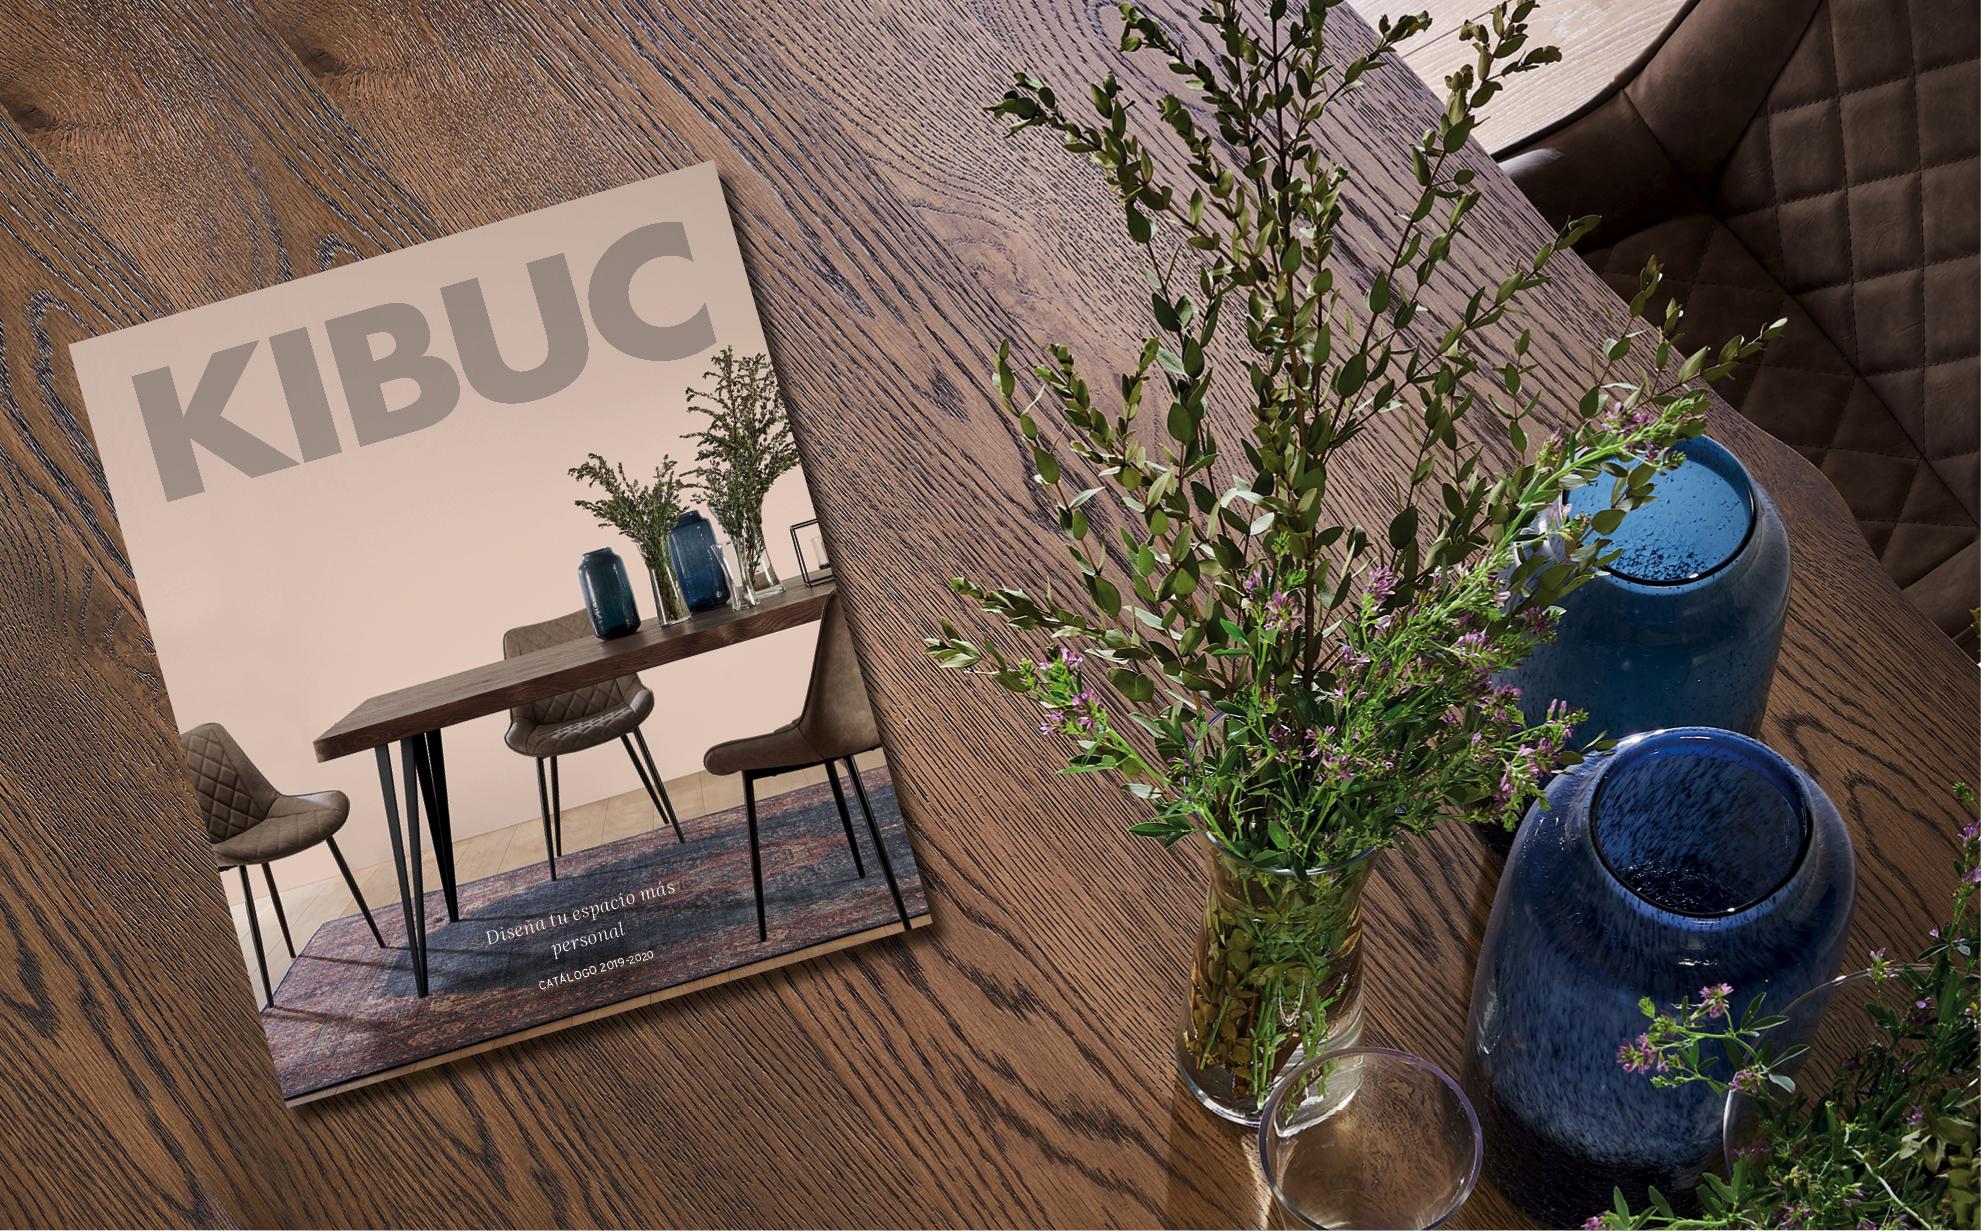 Nuevo catálogo Kibuc 2020: una casa muy personal